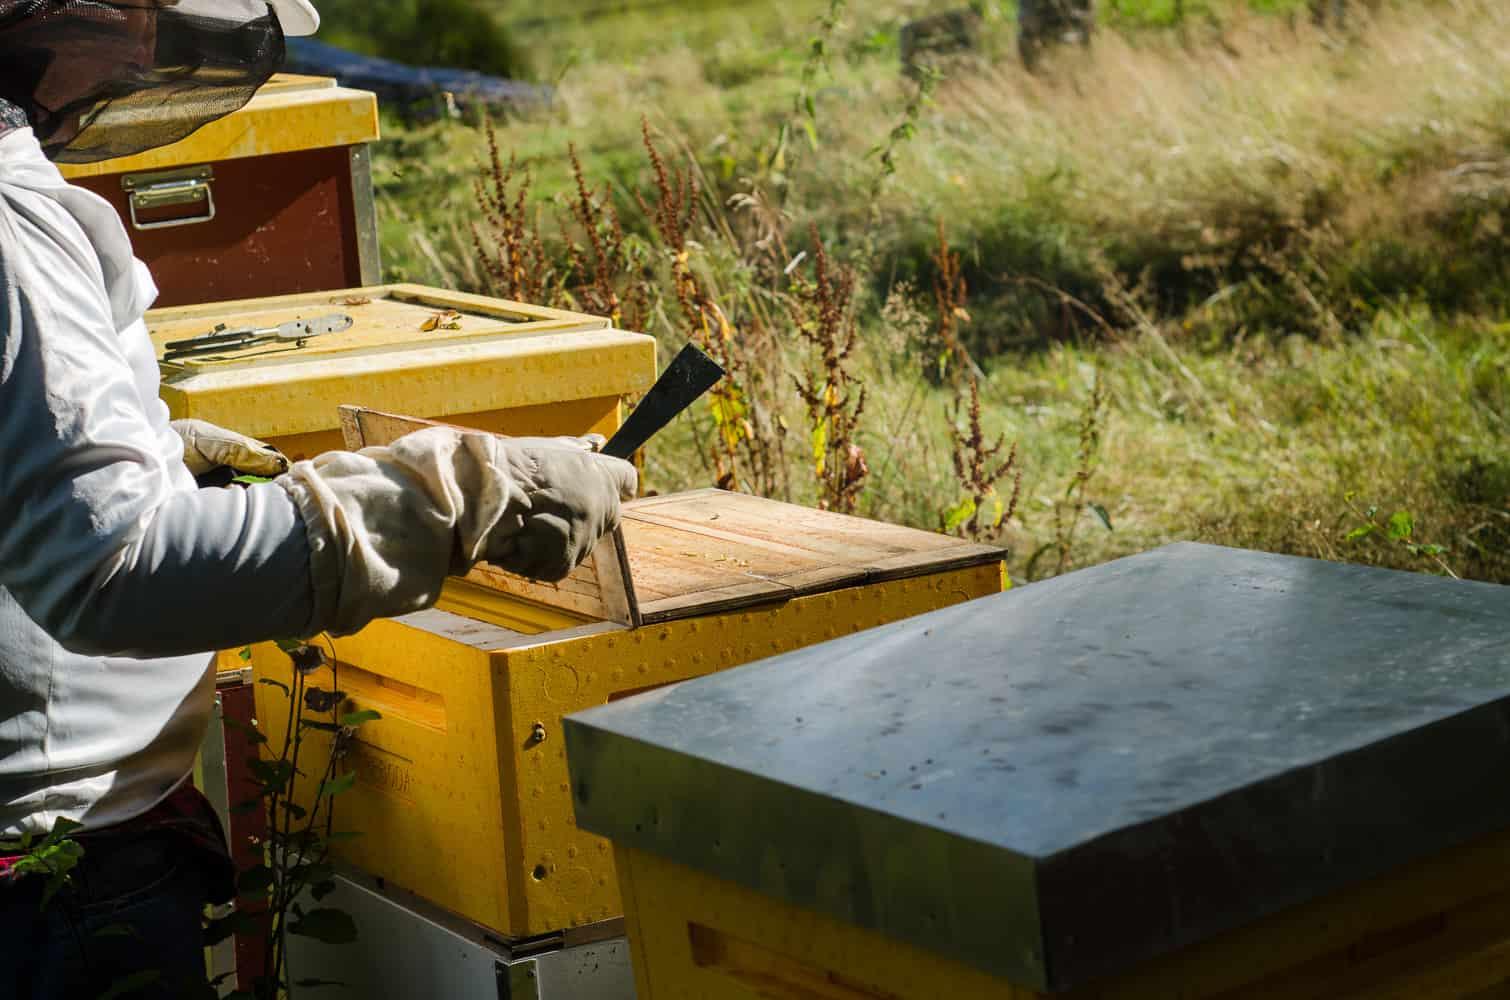 Under kupornas yttertak ligger täckbrädor som skyddar ramarna med honung och bin. Bina tillverkar propolis som fungerar som klister för att täta alla glipor. Därför behöver man ett bräckjärn för att få loss brädorna.